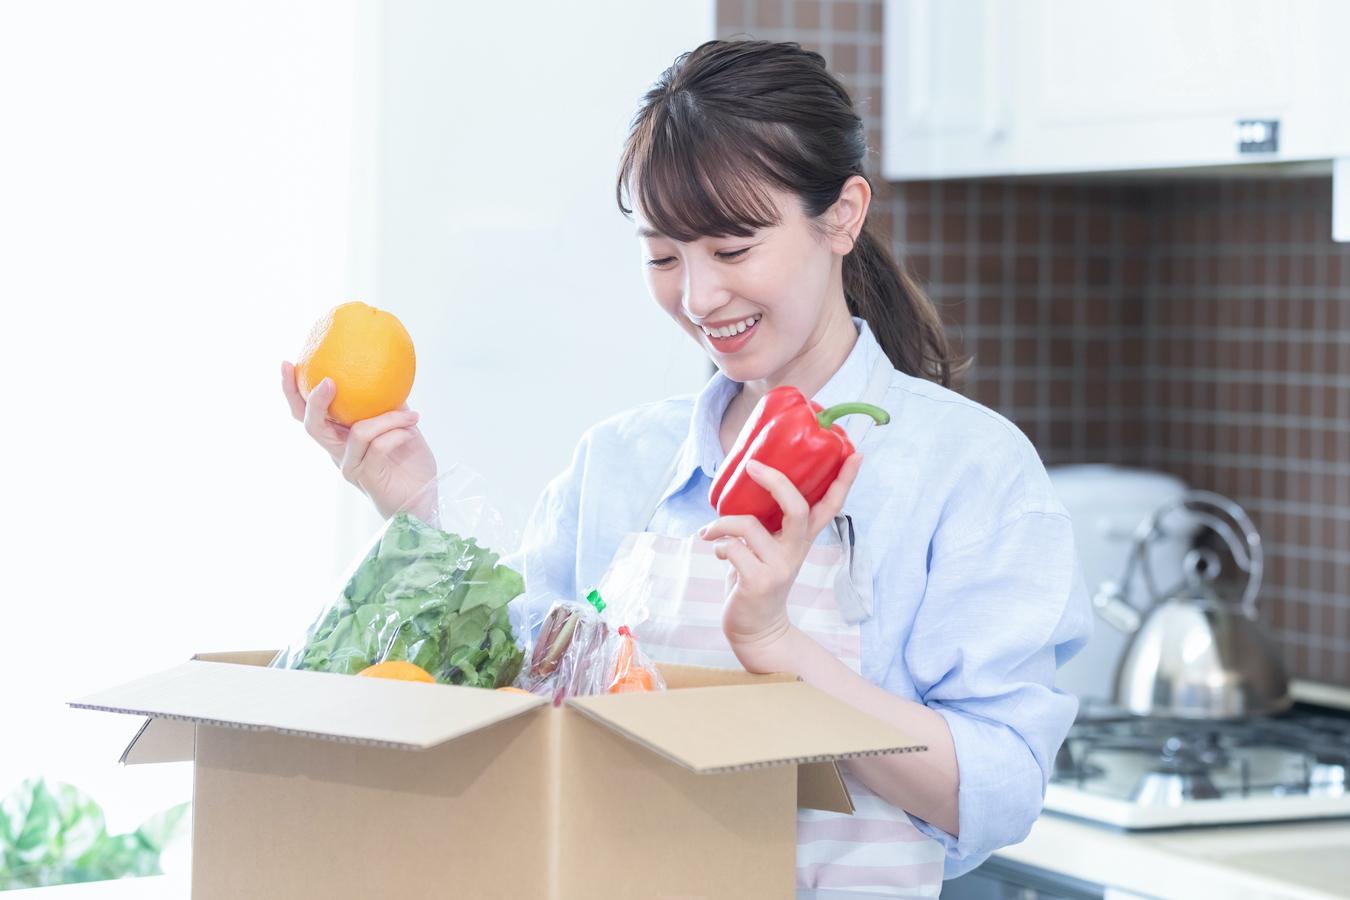 中国のネットスーパー最新事例。注文して30分で生鮮品が到着する。